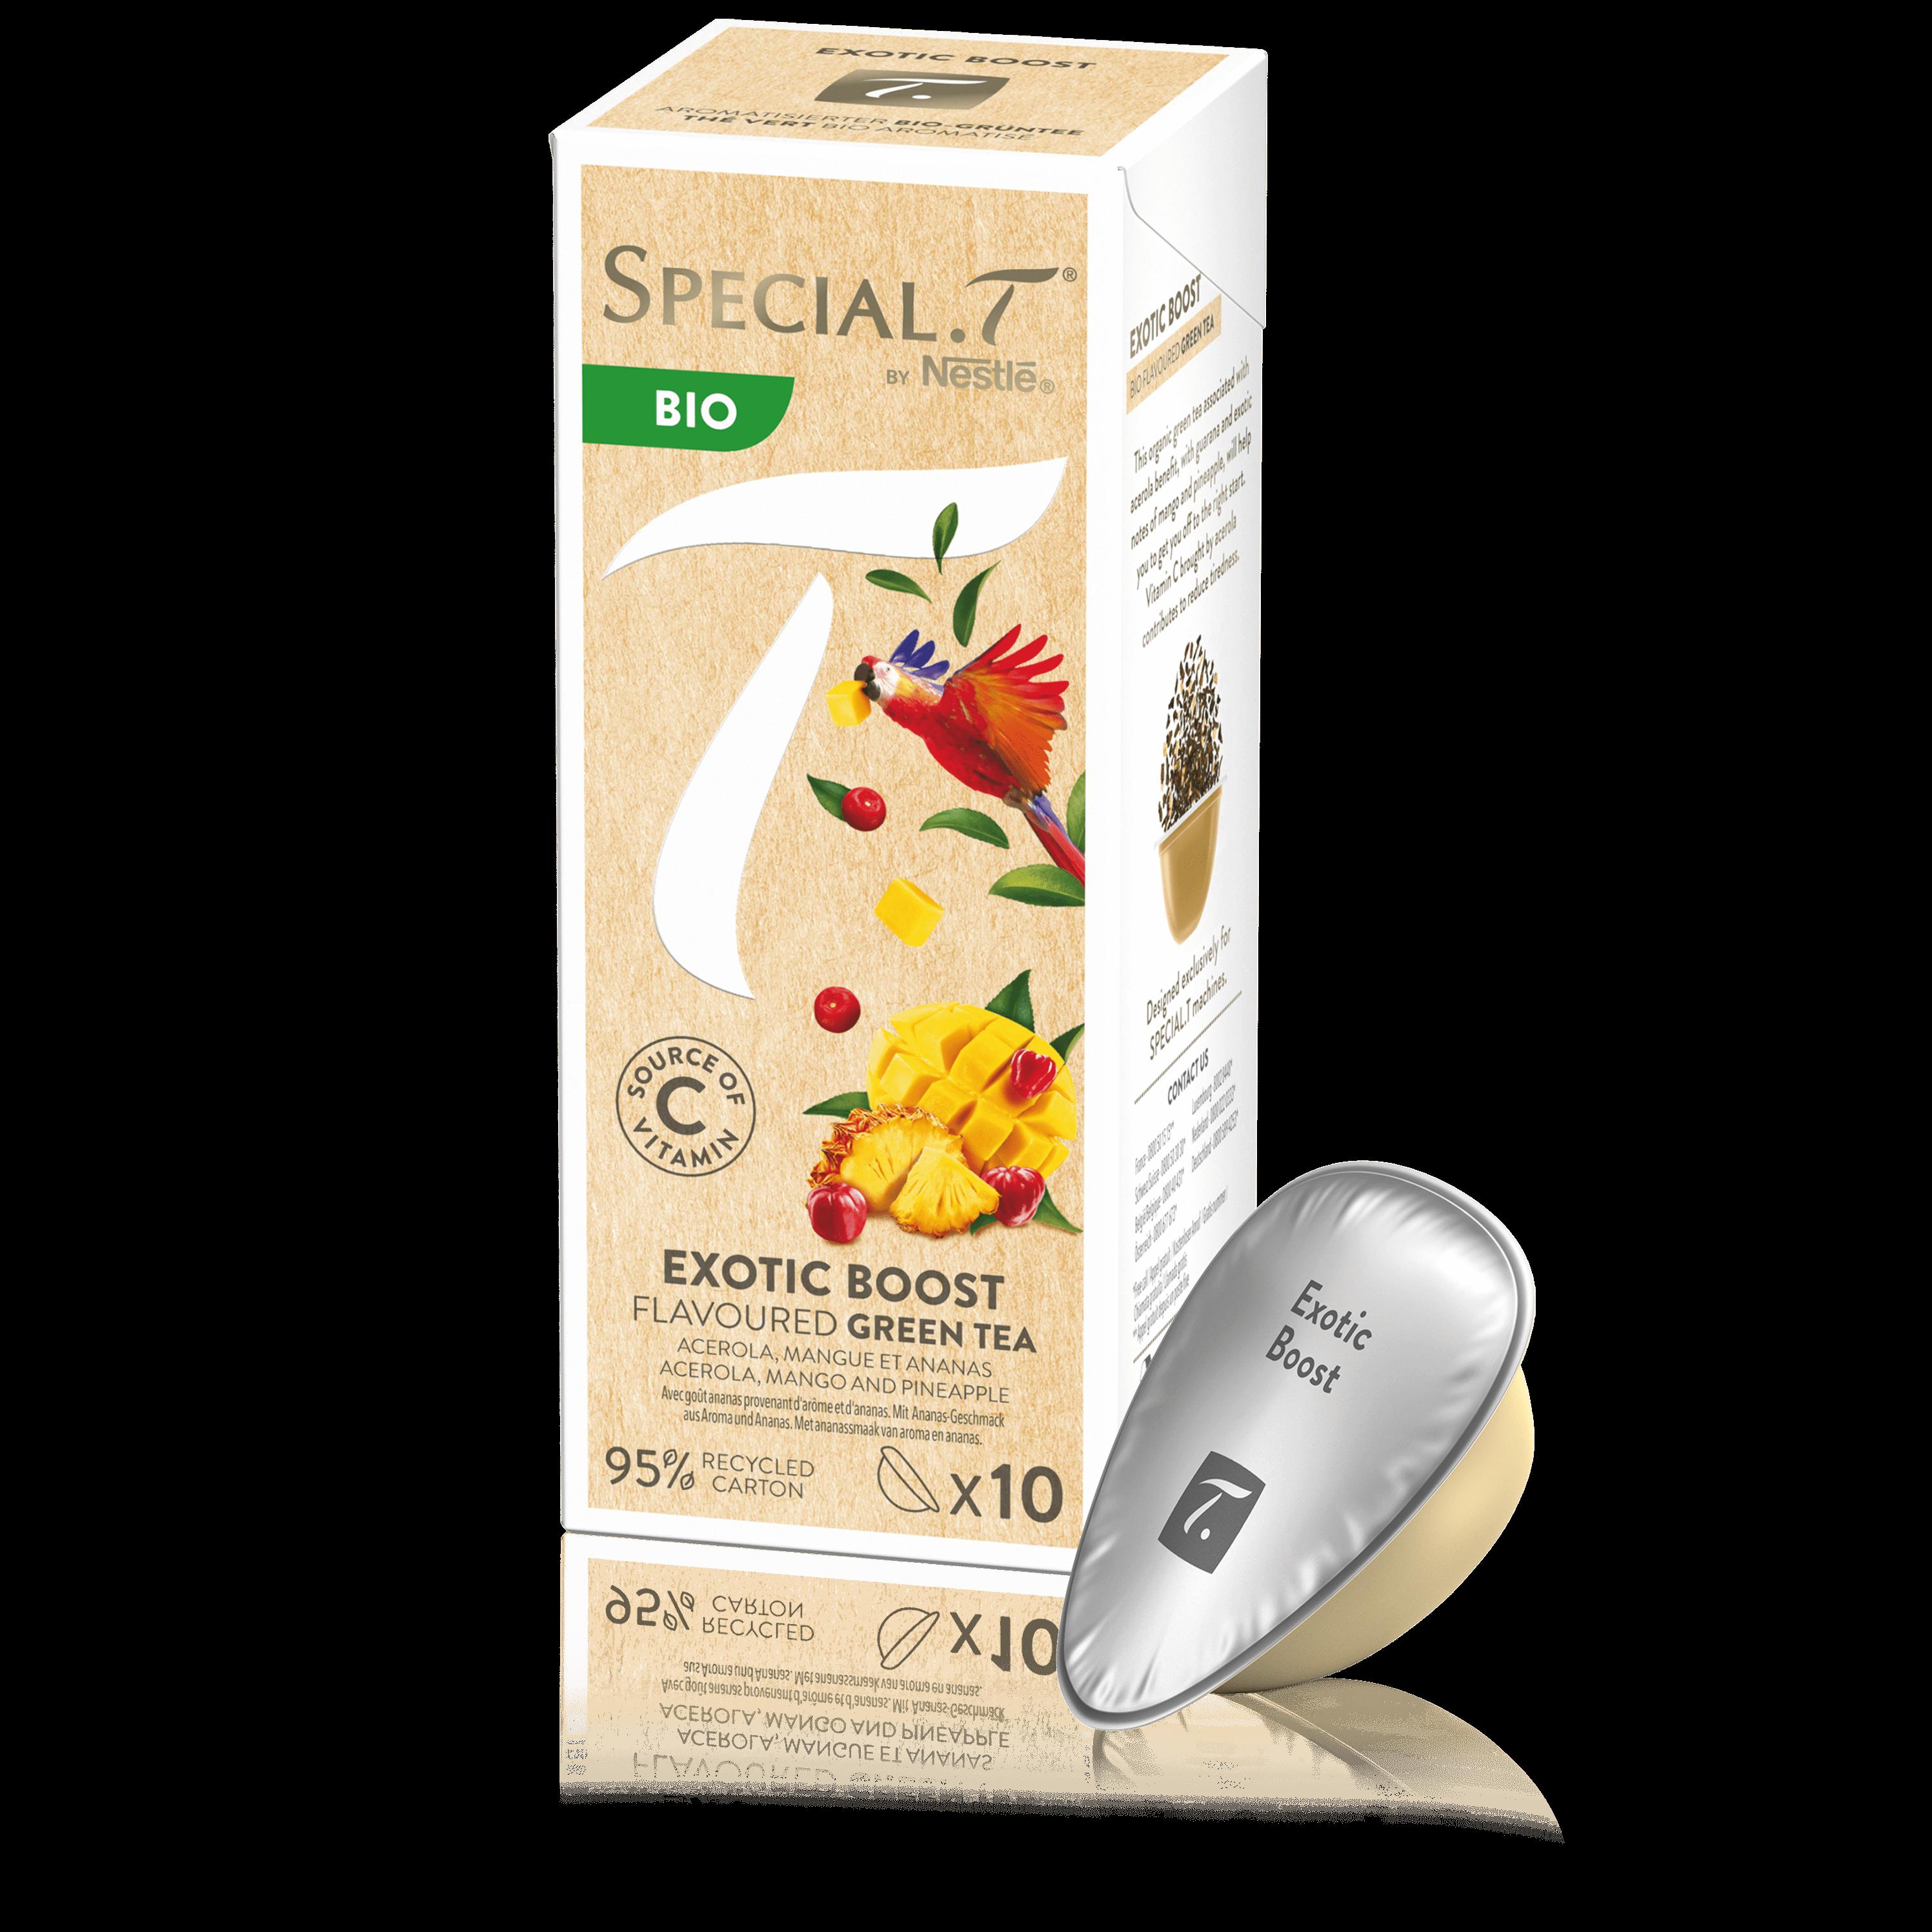 Capsule Exotic Boost bio - Special.T - 10 capsules de thé vert bio aromatisé pour machine SPECIAL.T - Kusmi Tea